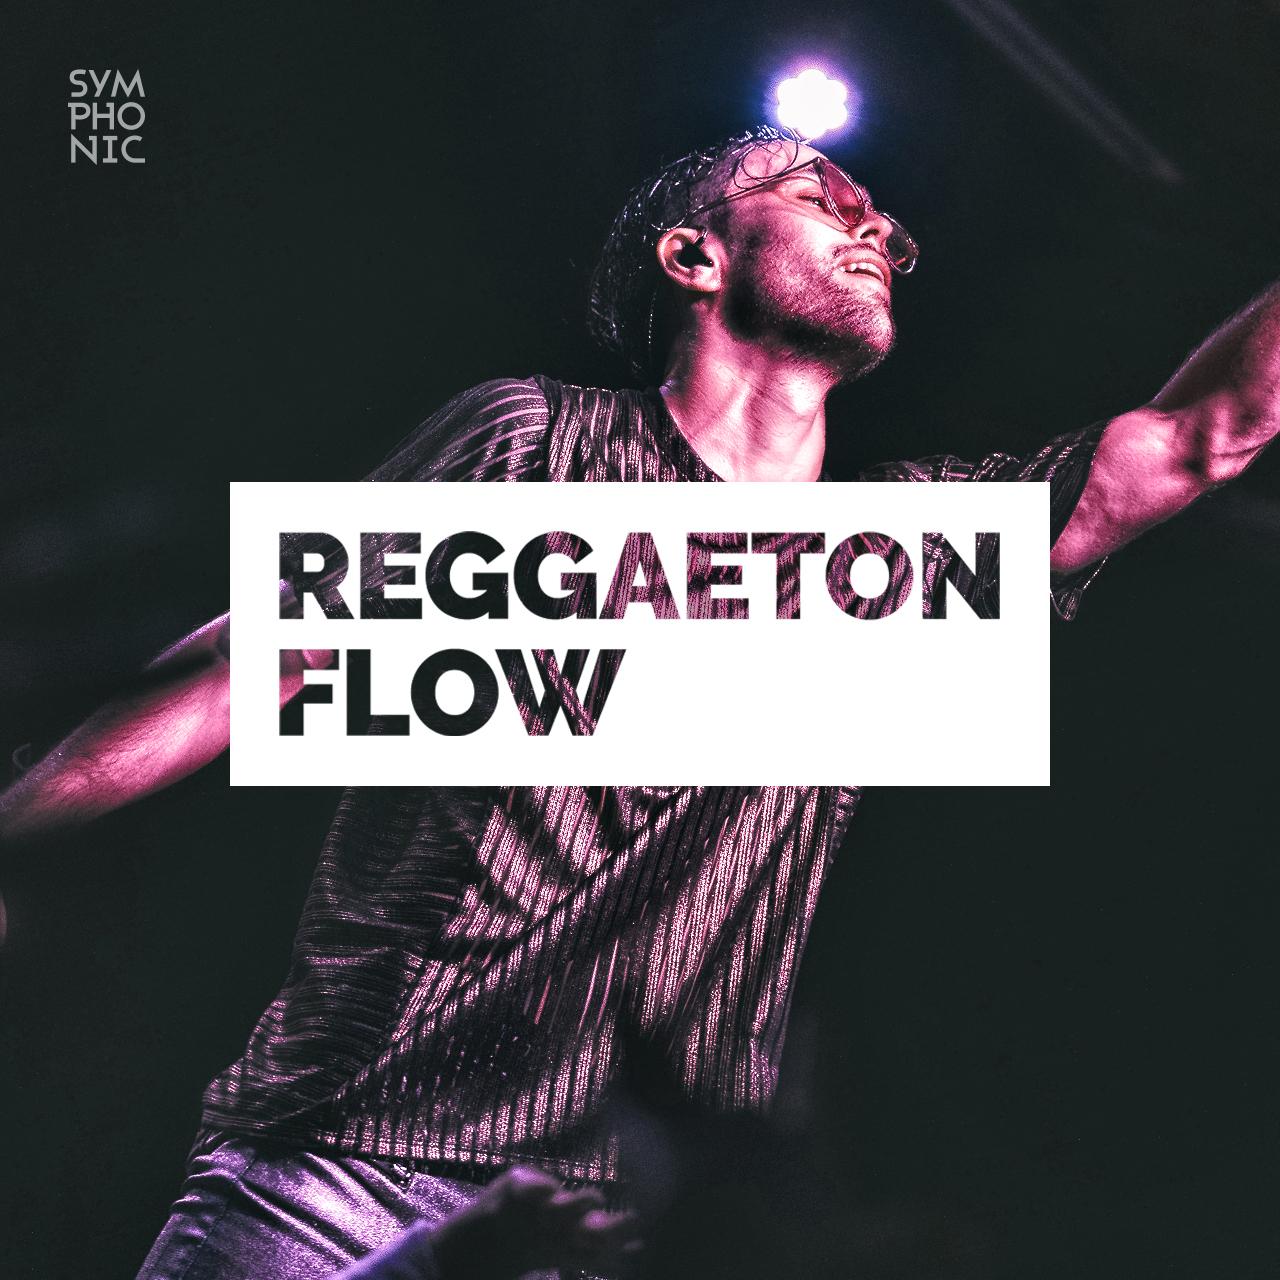 reggaetonflow.jpg